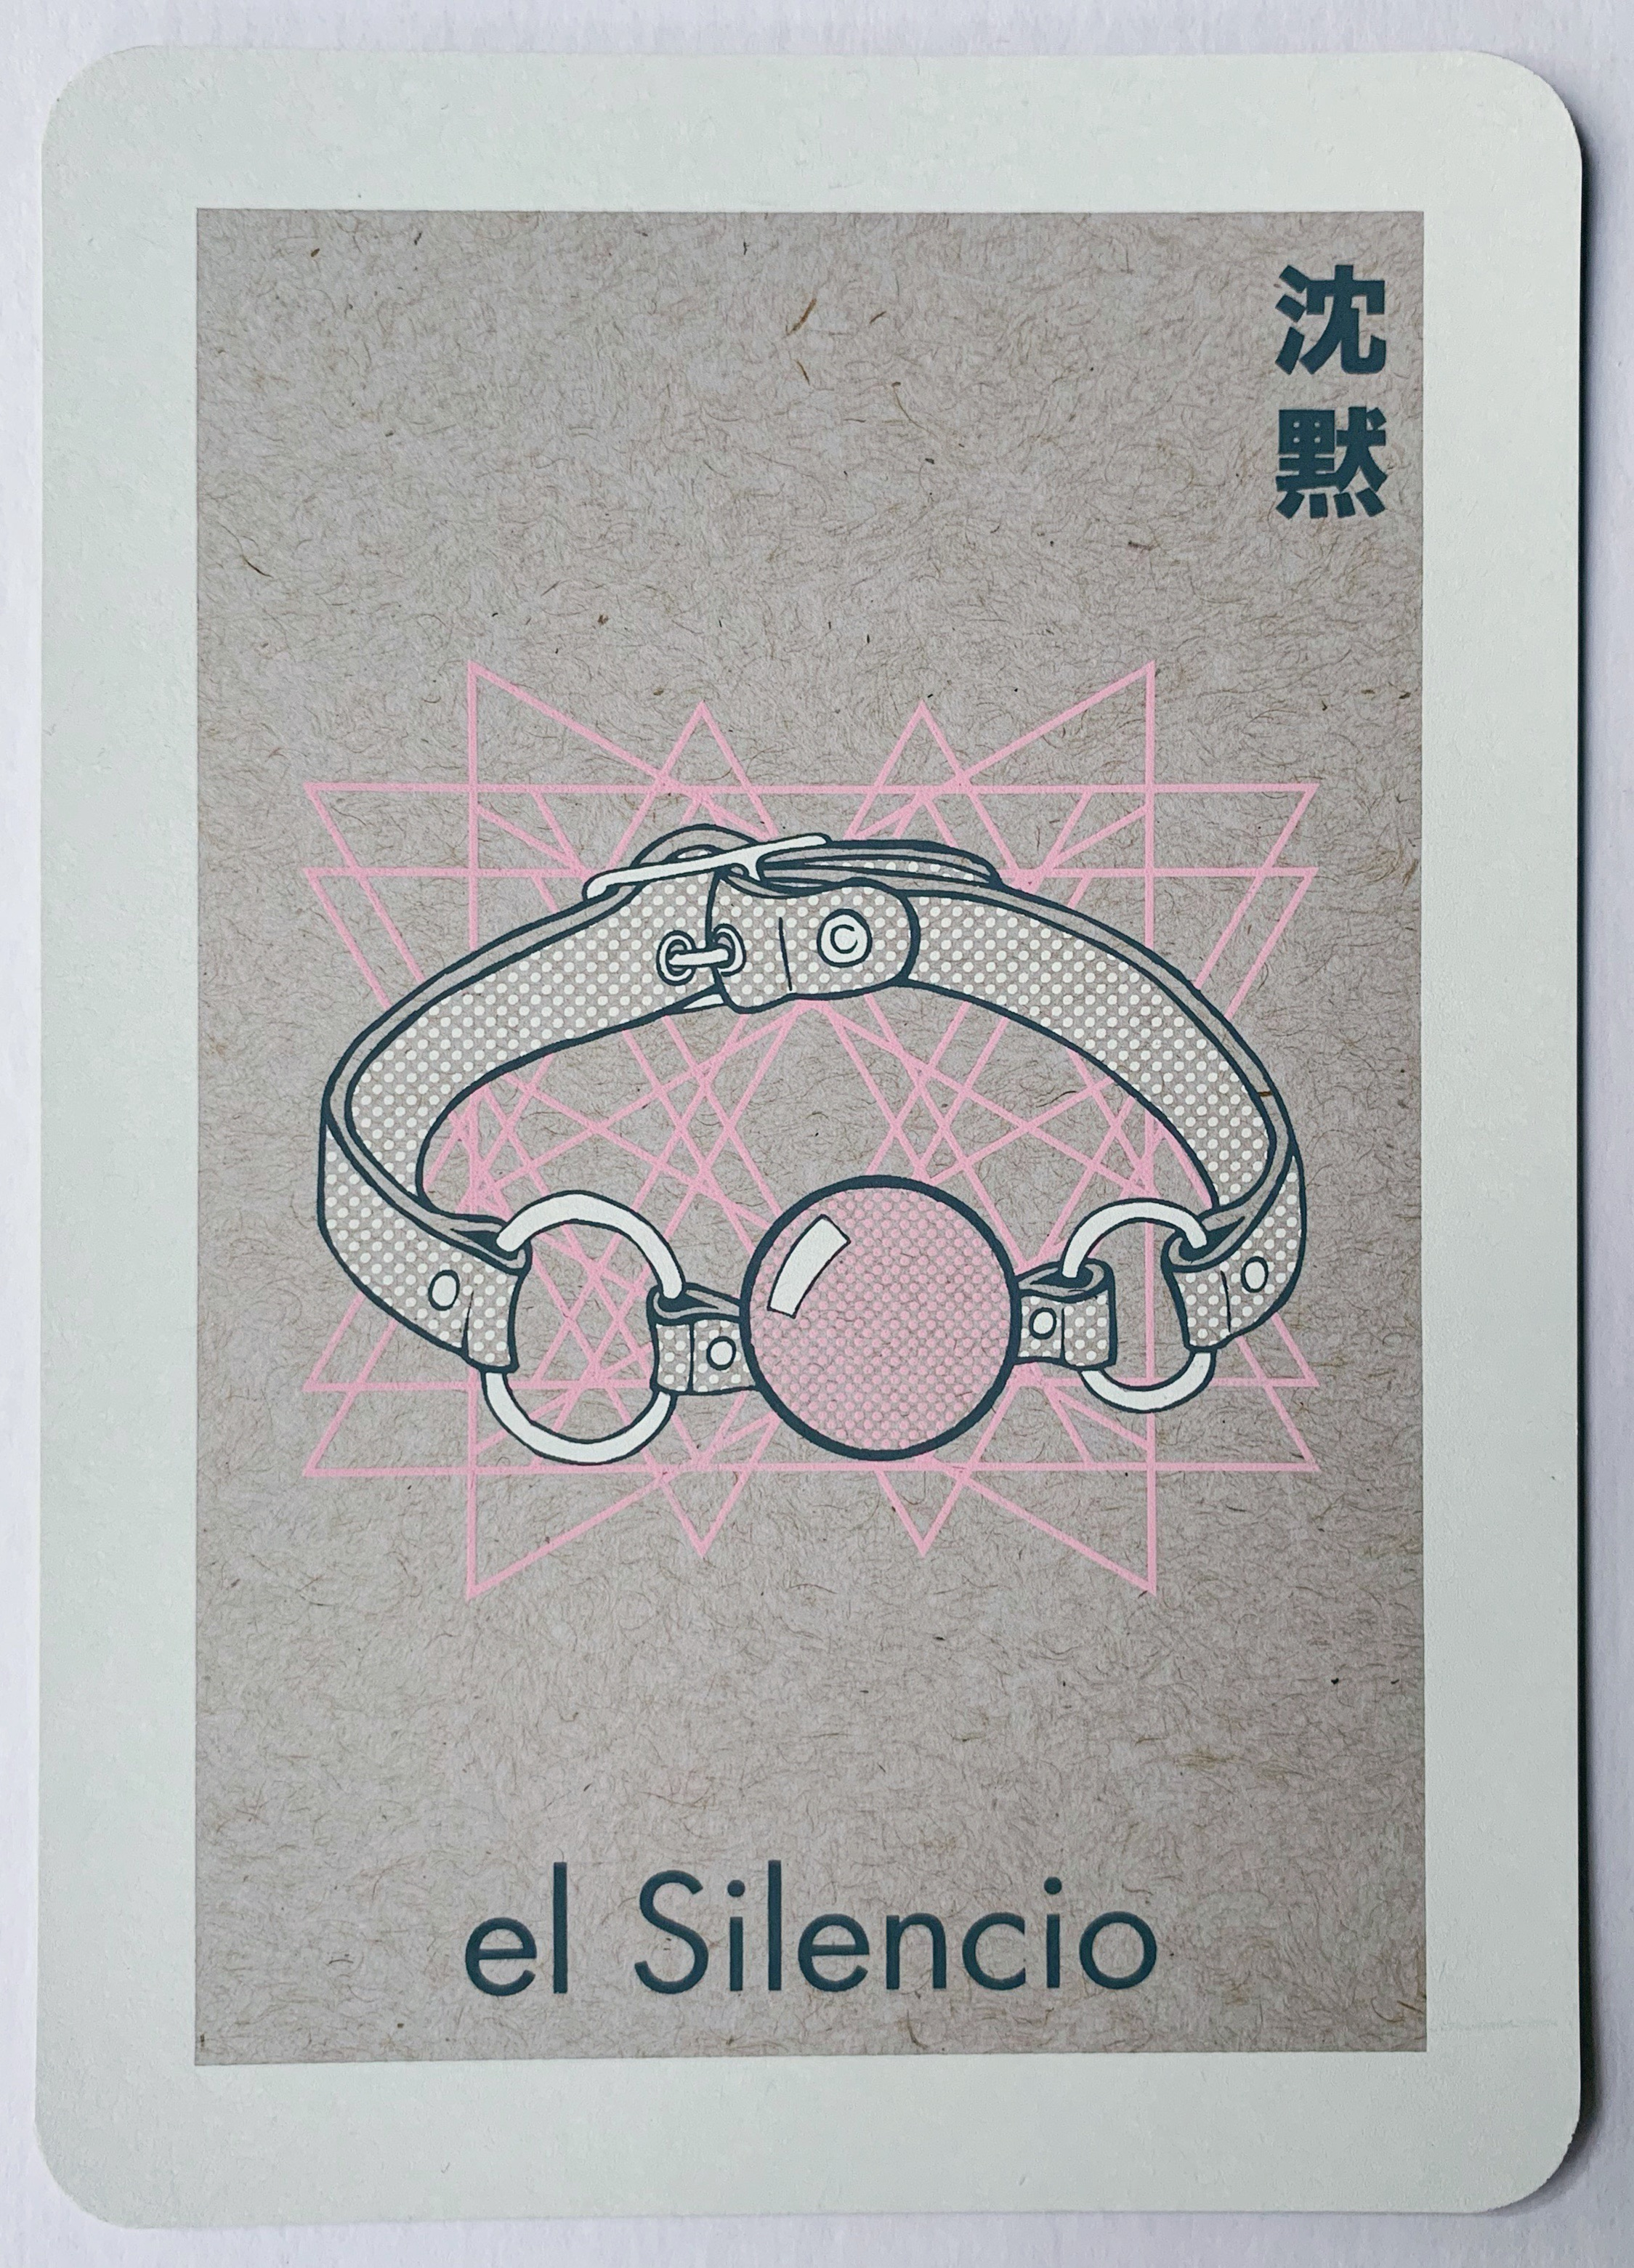 el Silencio, serigraphy, 2018